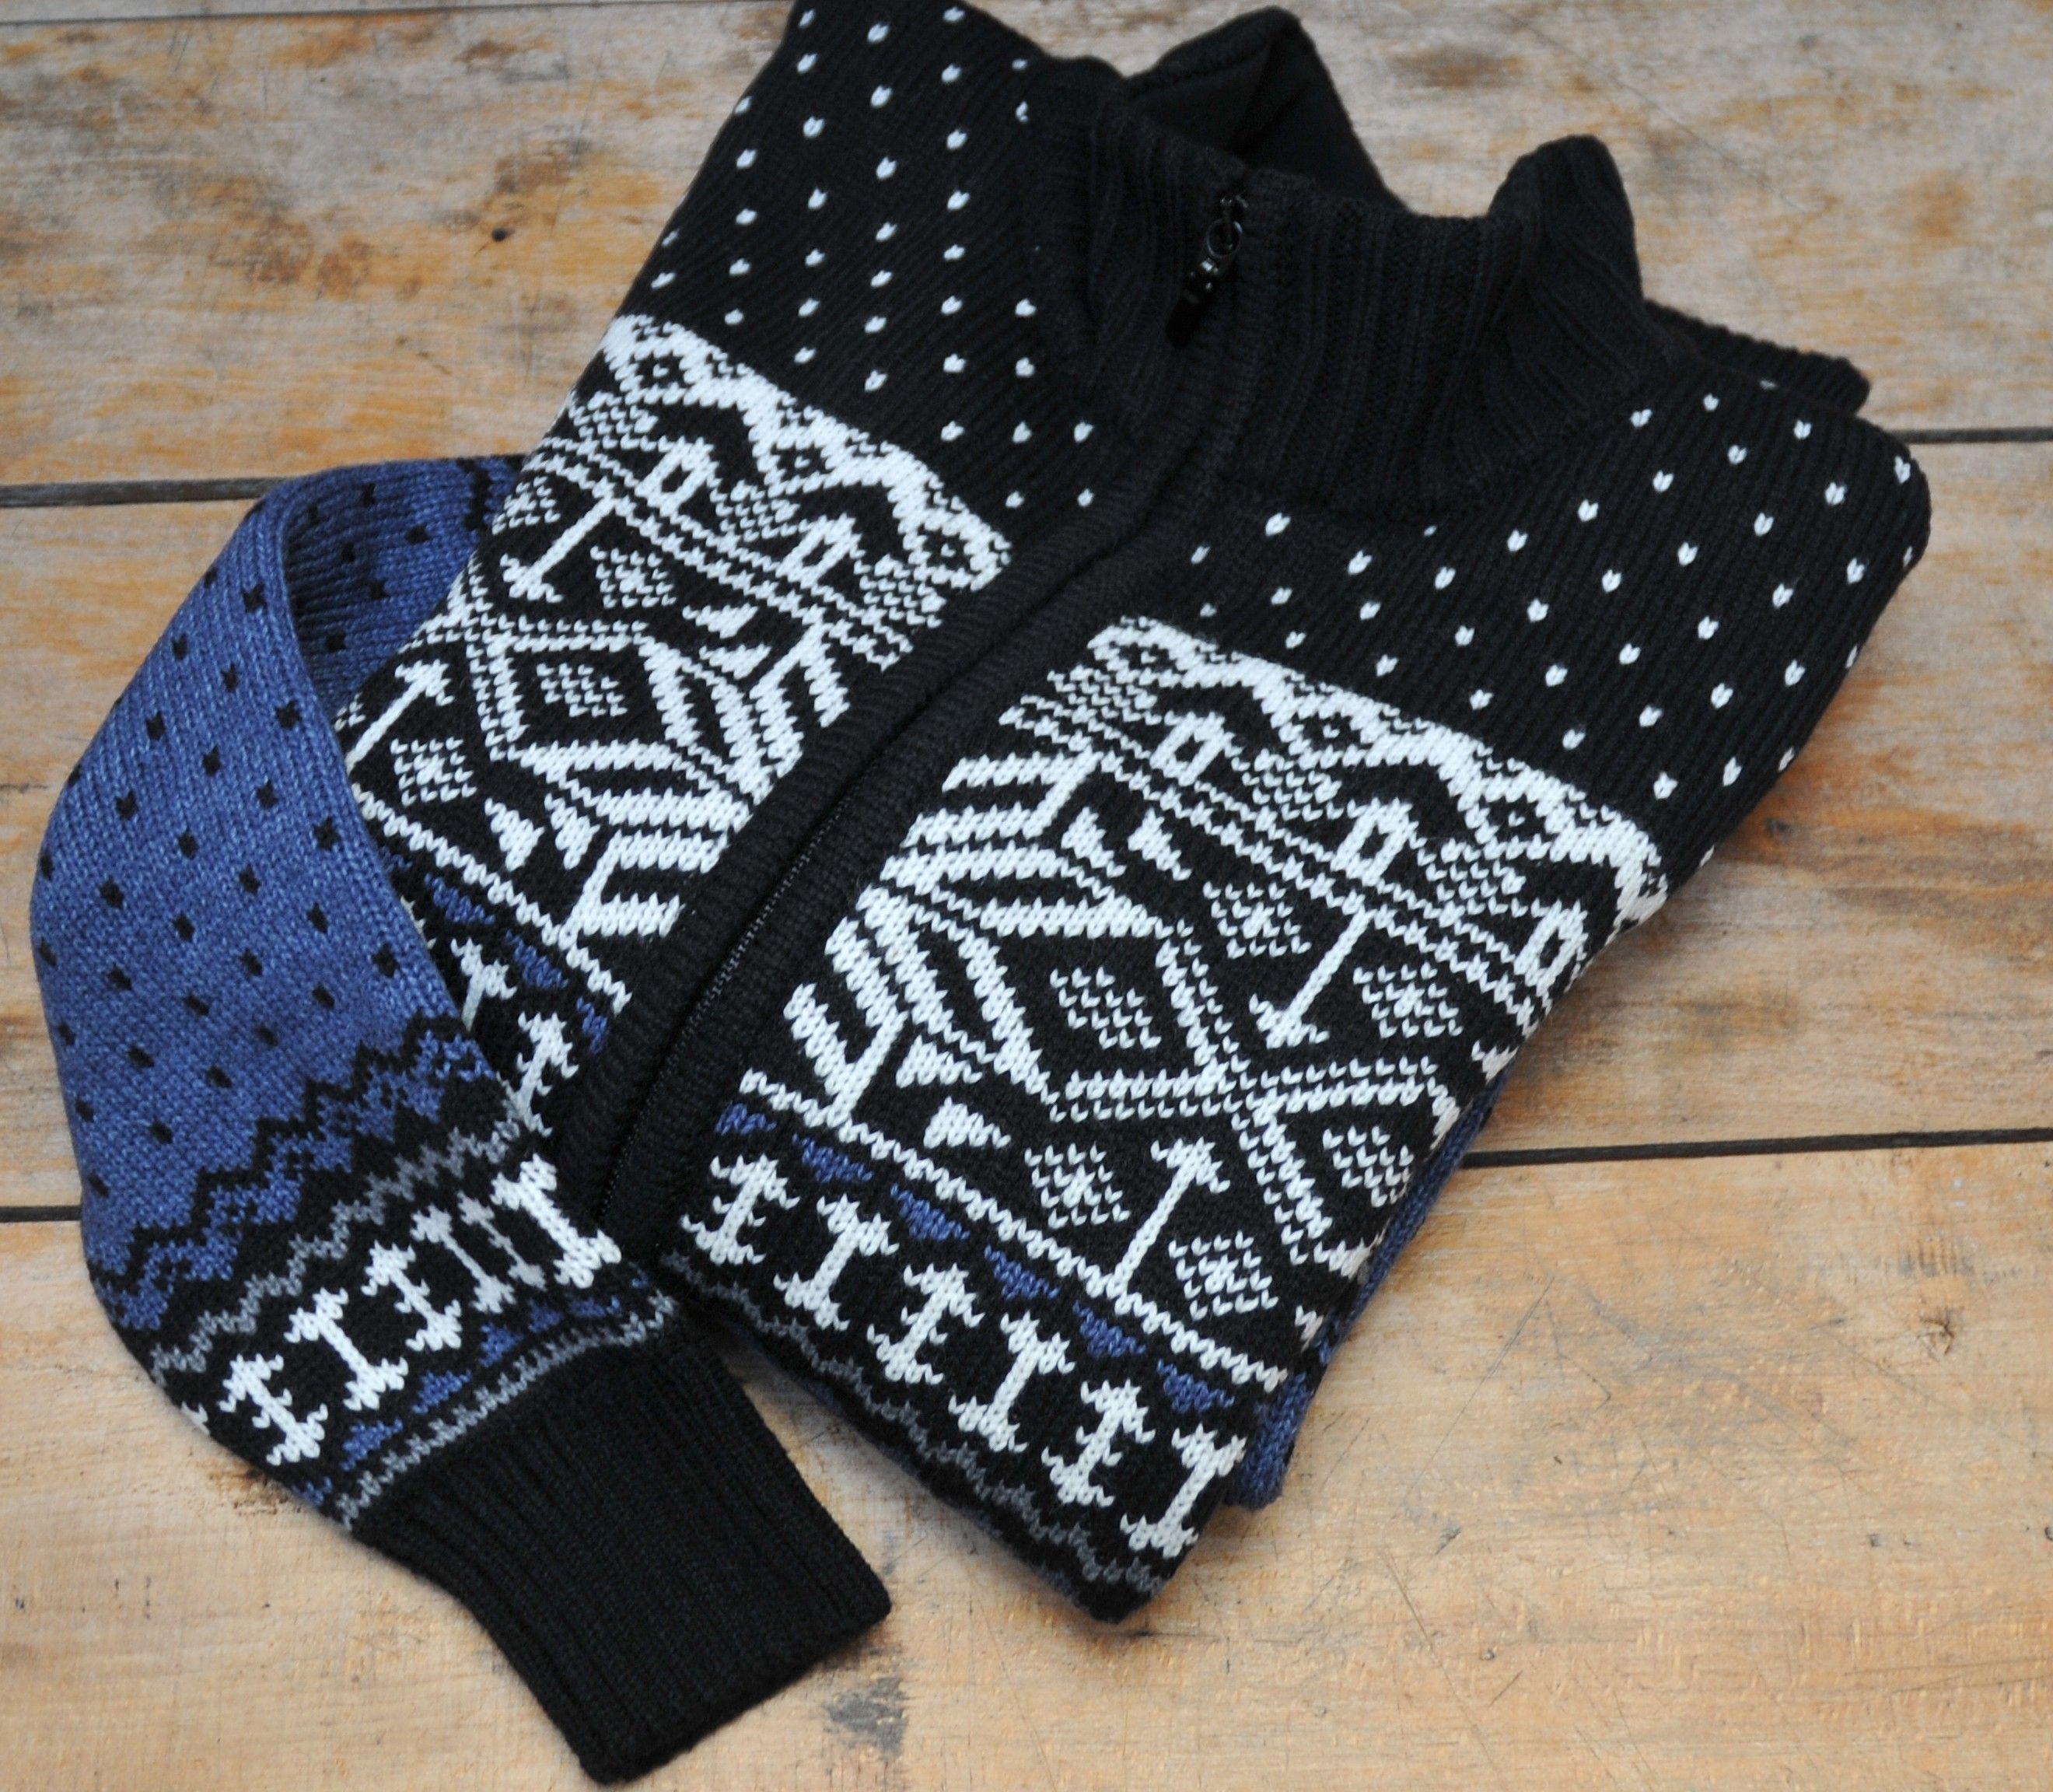 eb7685c4b48c6 Jerseys jaquards nórdico pura lana - chaquetas y capas de lana ...